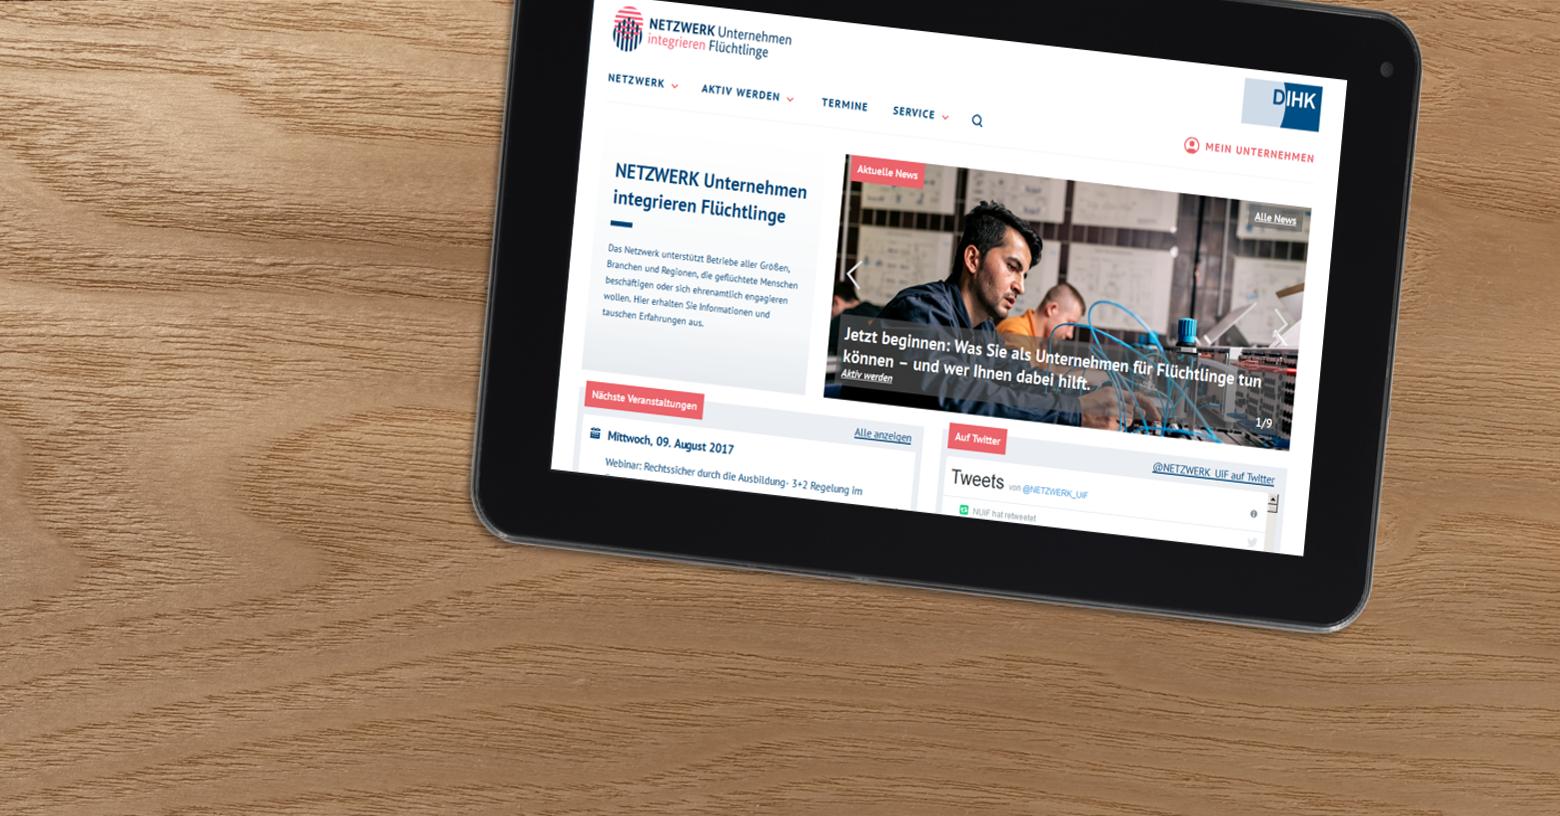 Die neue Webseite www.unternehmen-integrieren-fluechtlinge.de